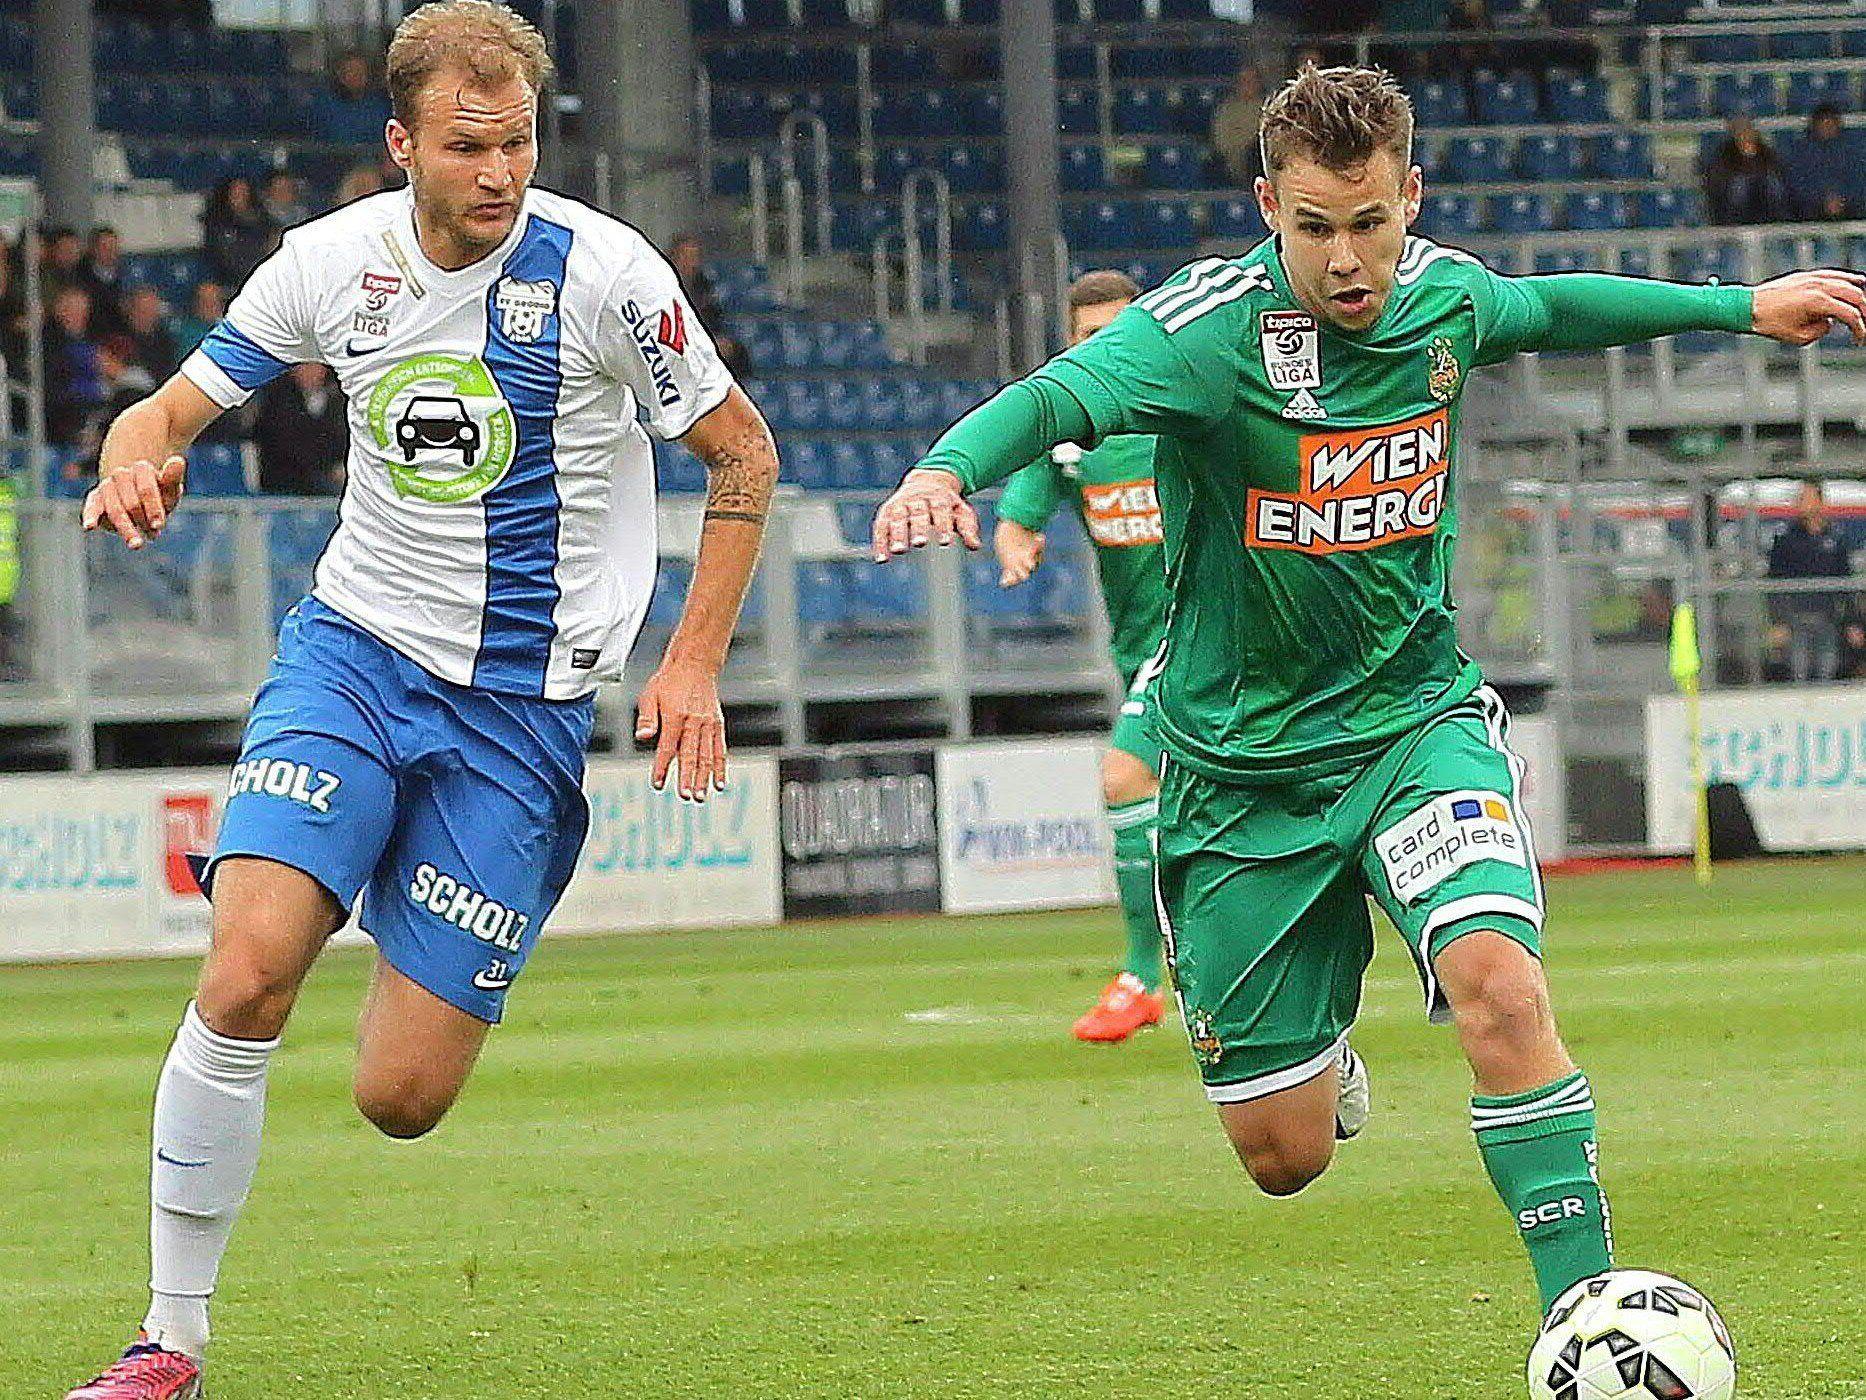 LIVE-Ticker zum Spiel SK Rapid Wien gegen SV Grödig ab 16.00 Uhr.